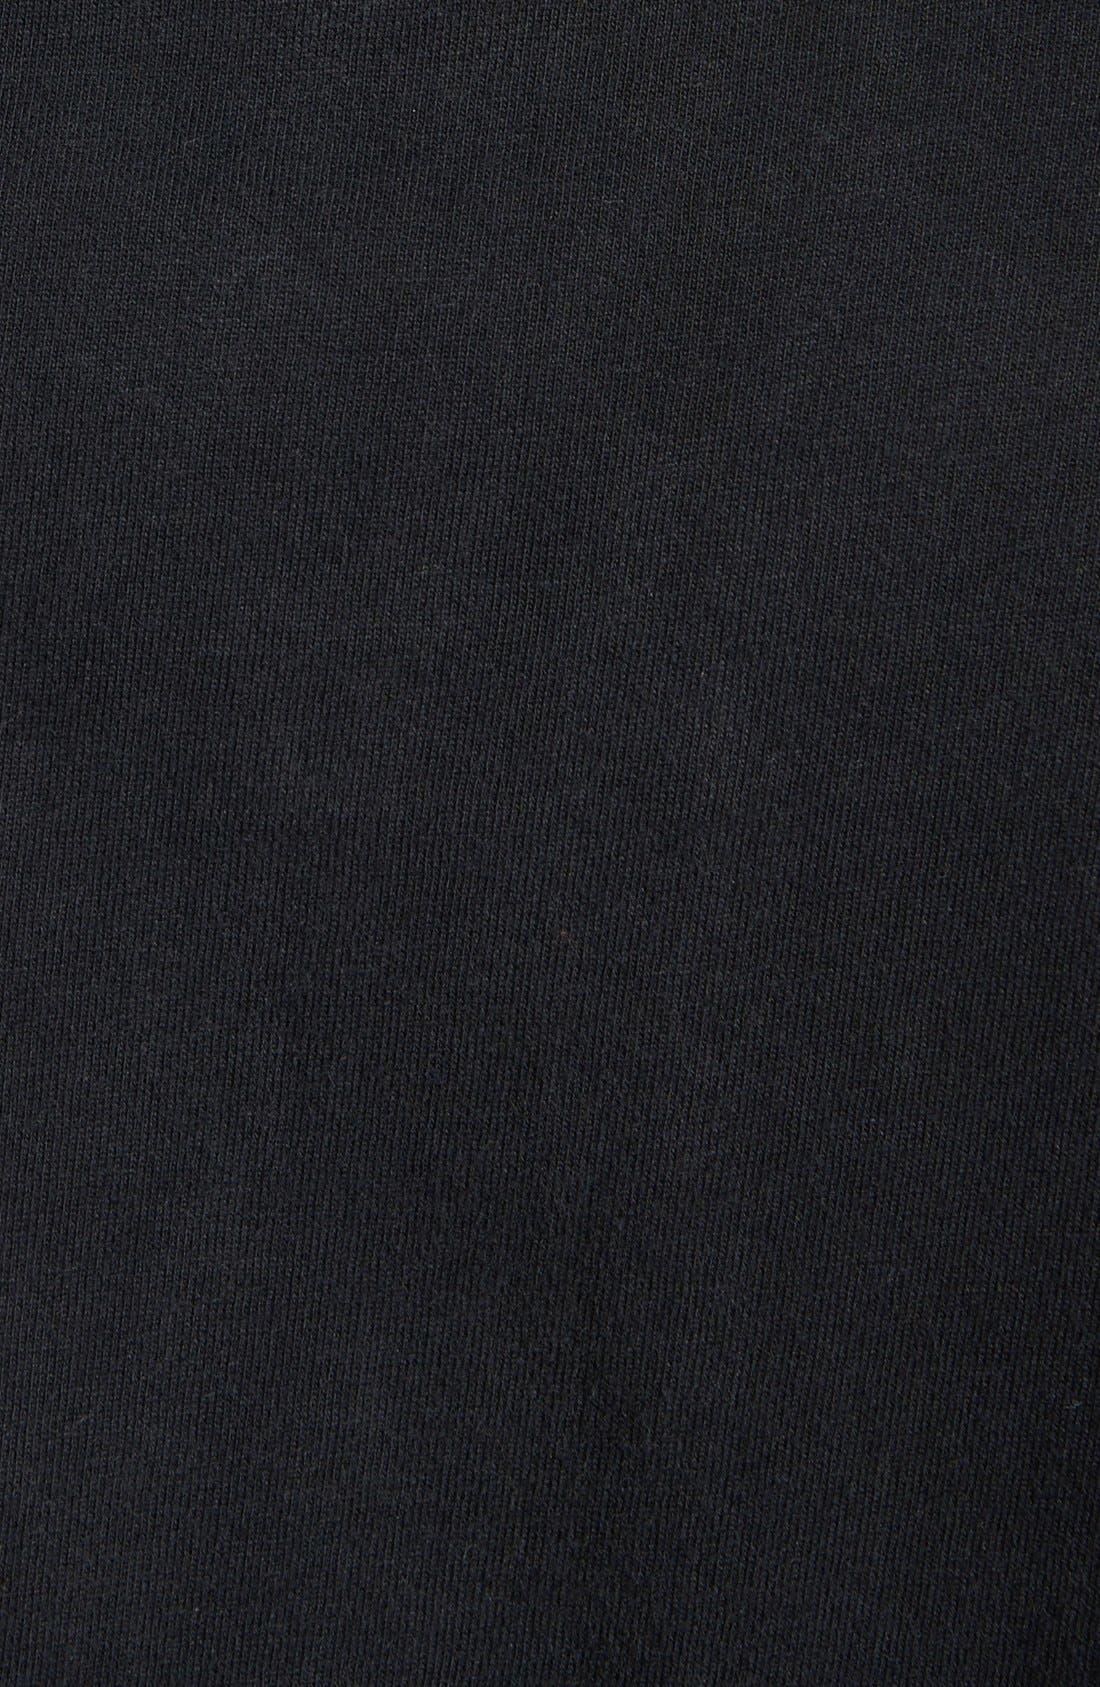 'Giants - Deadringer' T-Shirt,                             Alternate thumbnail 3, color,